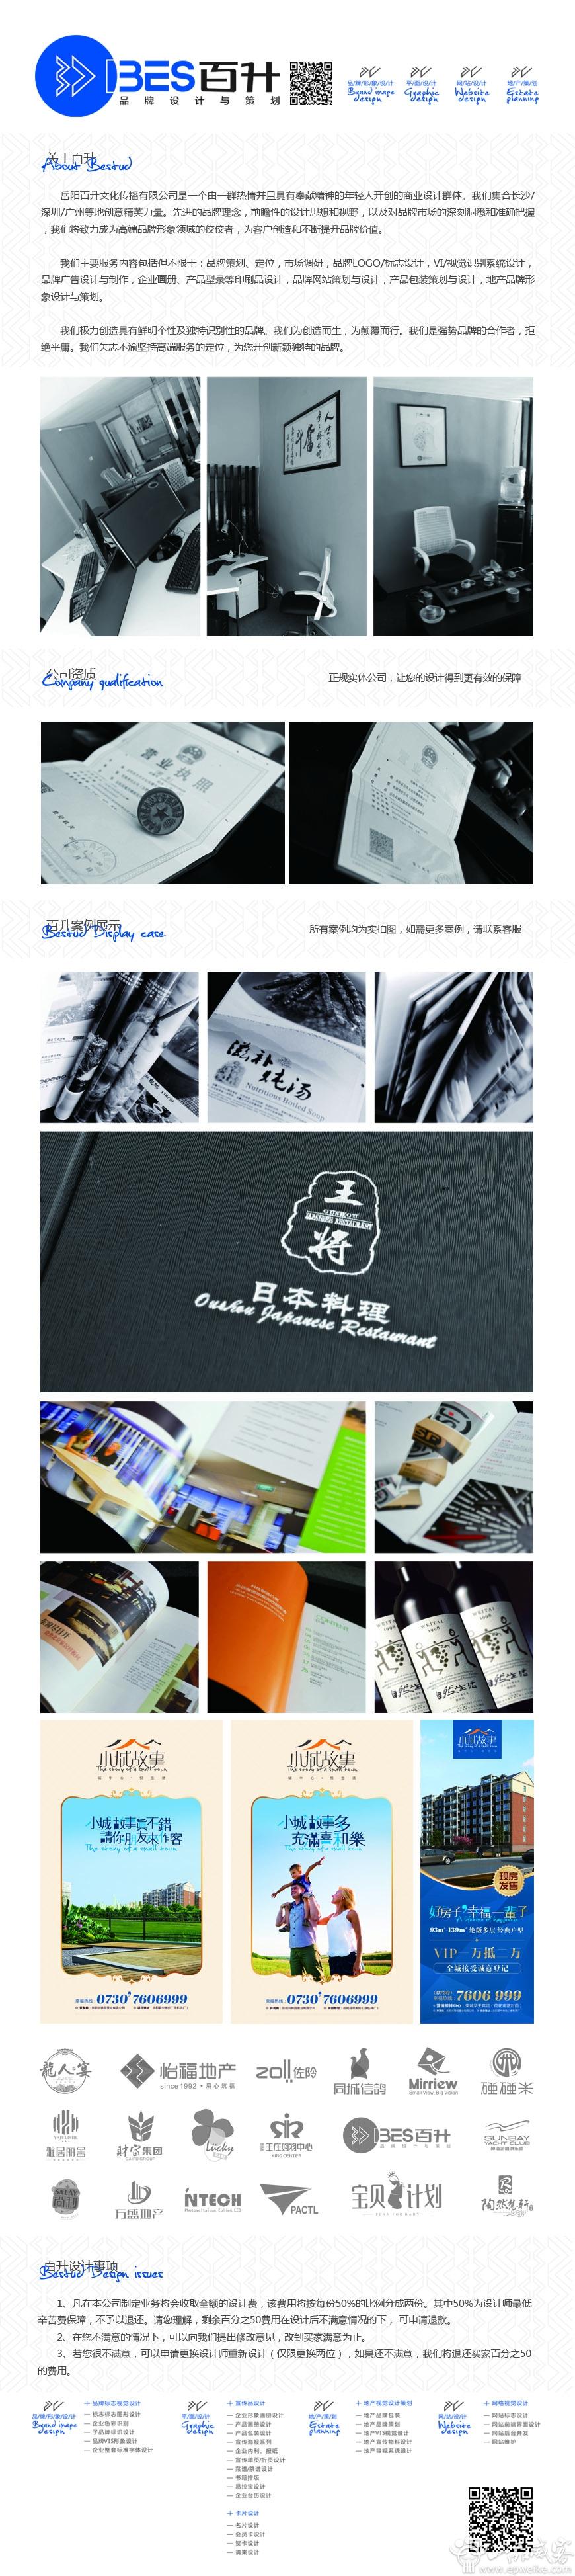 — 宣传单页/折页设计 — 菜谱/茶谱设计 — 书籍排版 — 易拉宝设计